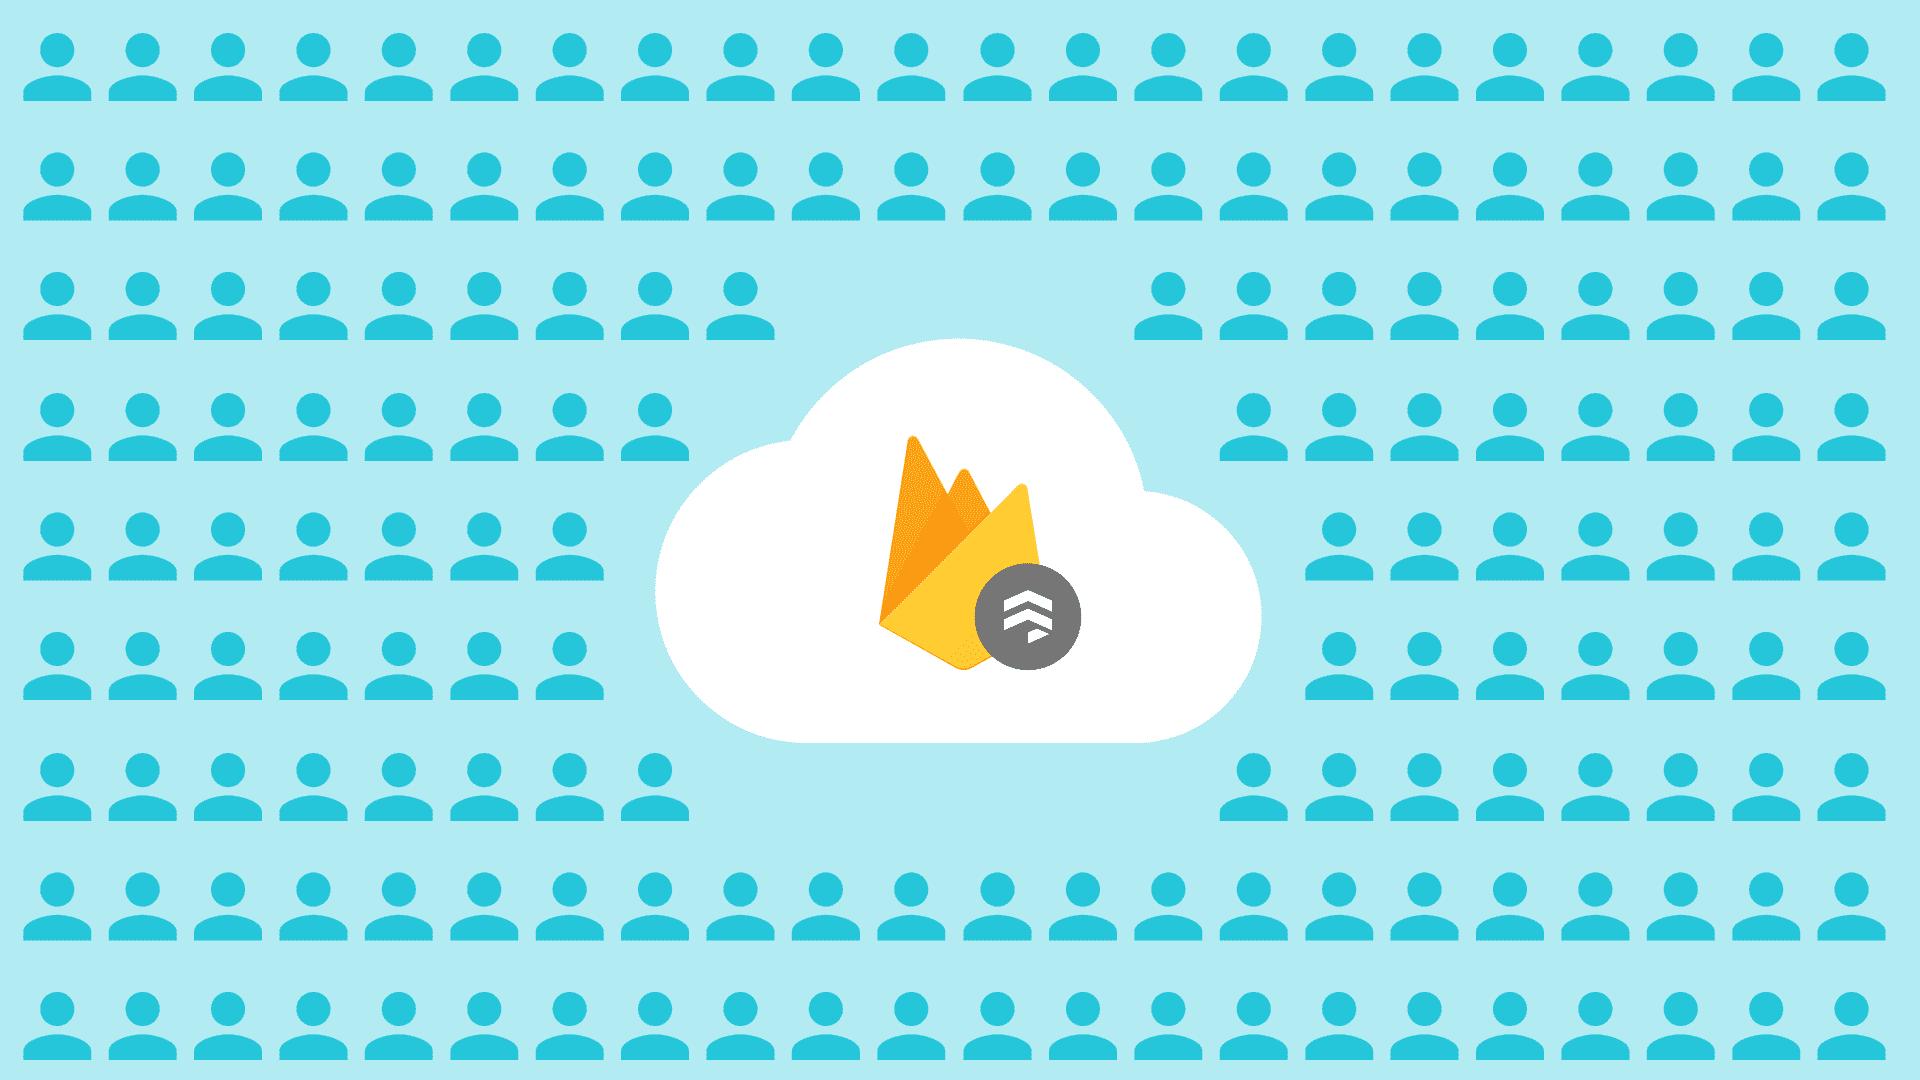 Ilustración del logotipo de FirebaseFirestore y miembros del público